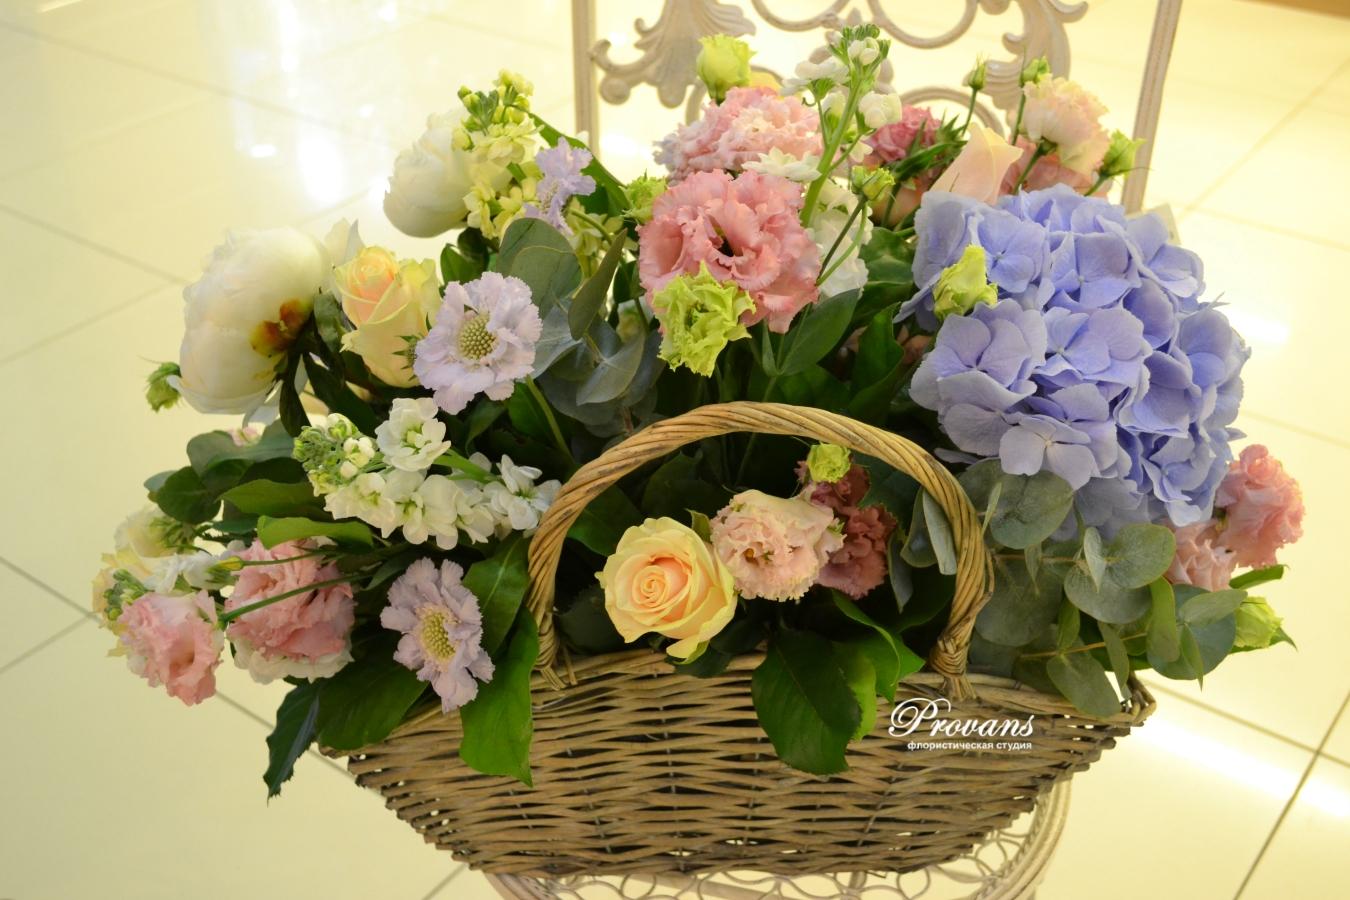 Корзина с садовыми цветами. Гортензия, матиола, пионы, розы